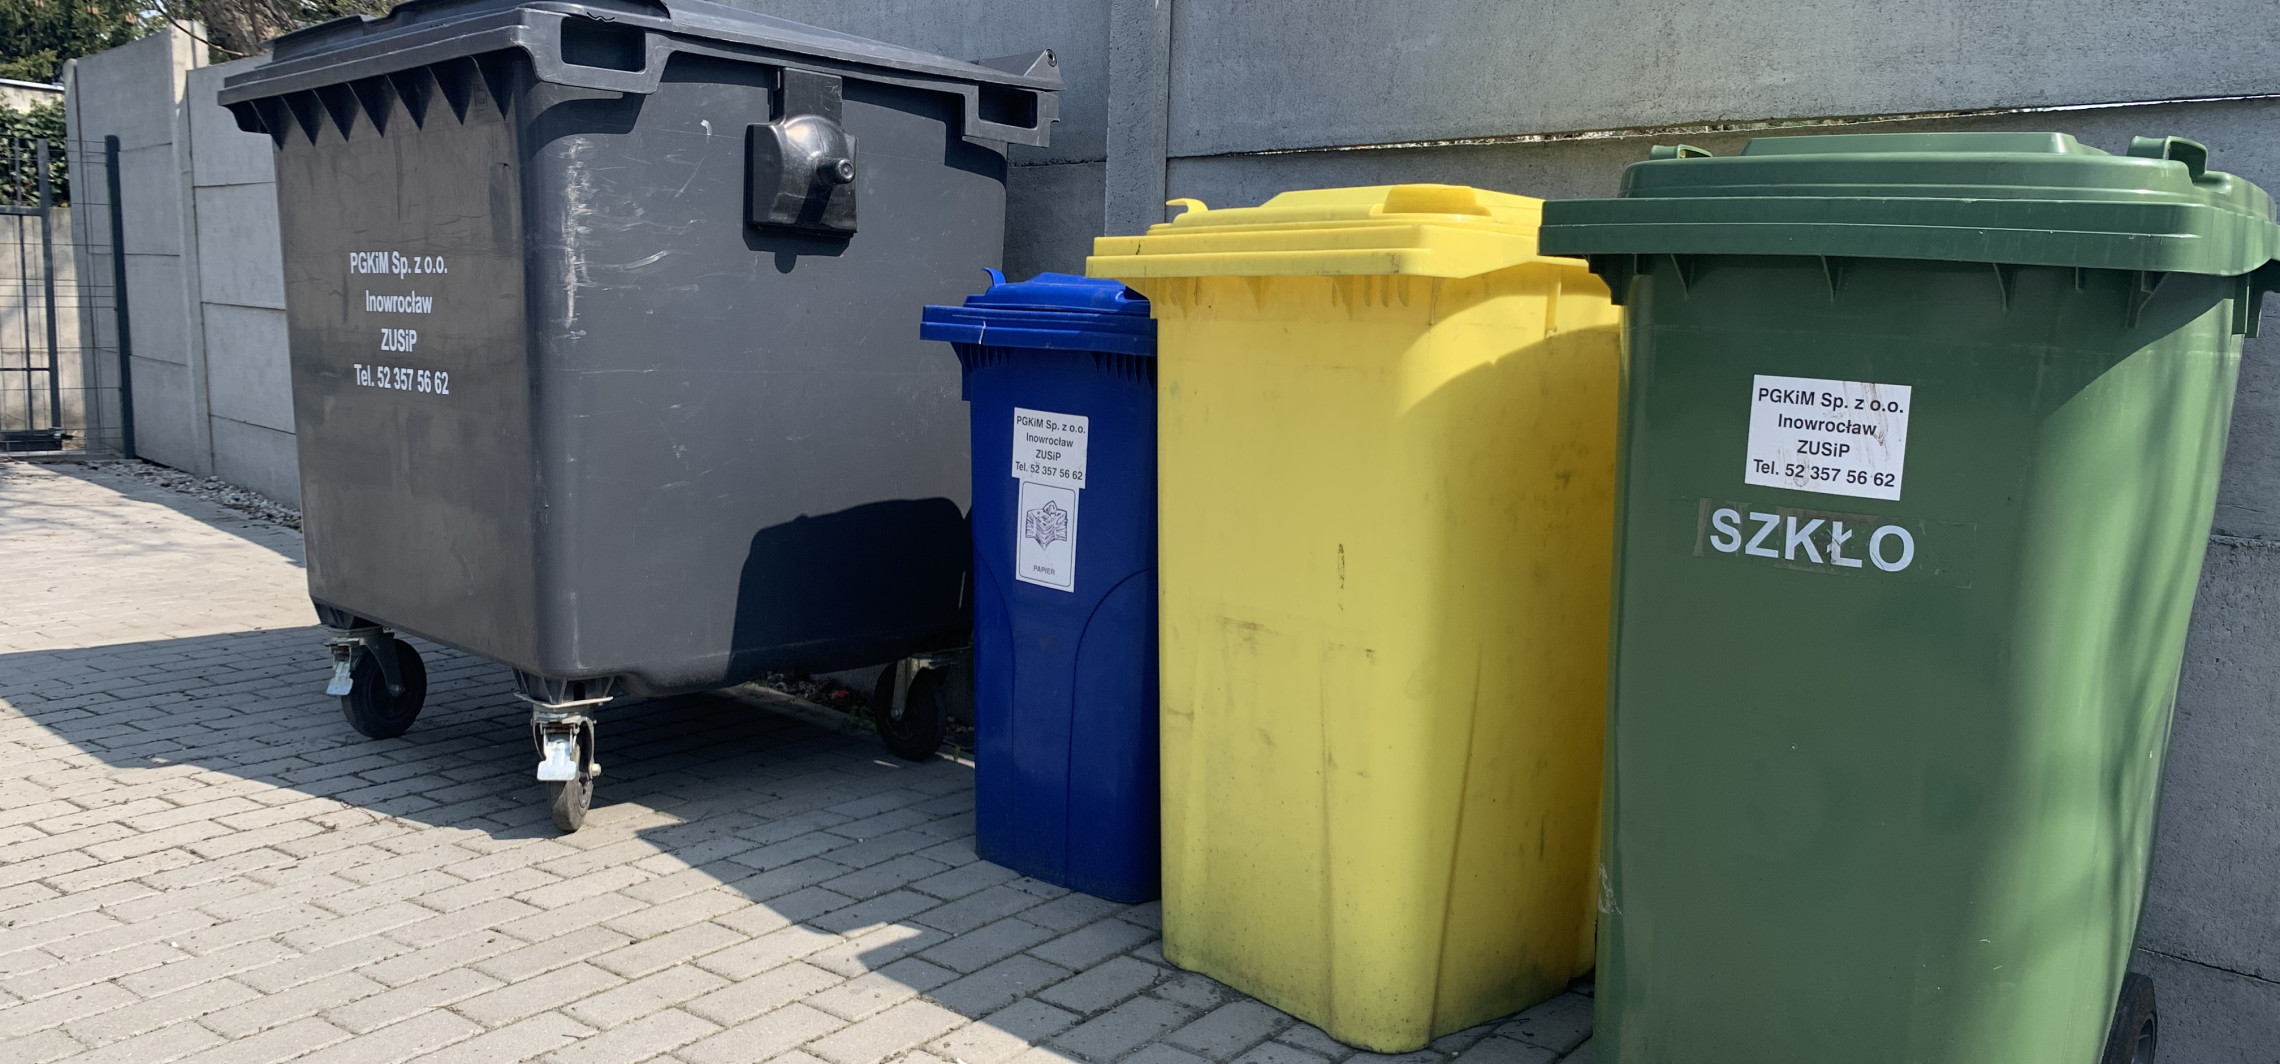 Inowrocław - Czeka nas kolejna podwyżka za wywóz śmieci